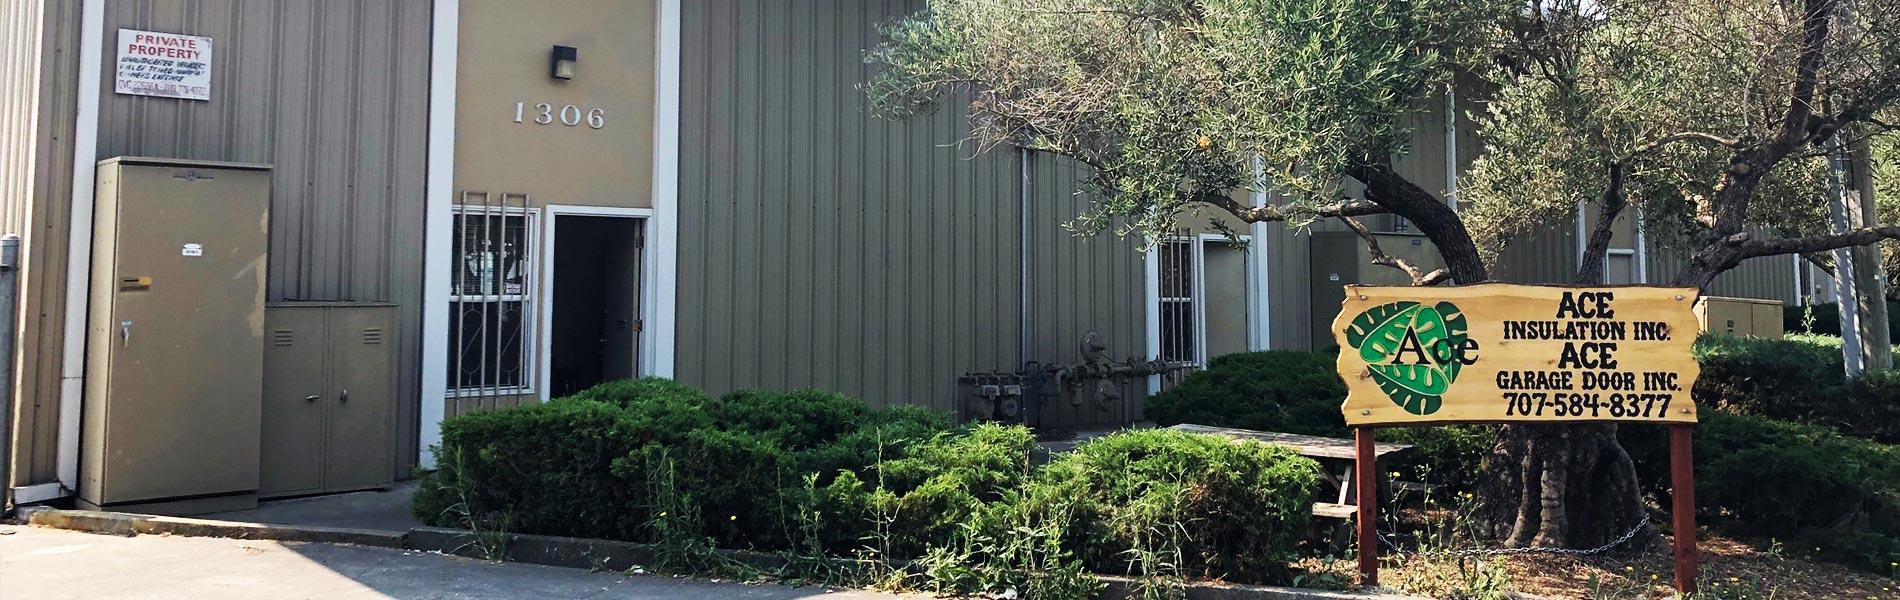 Headquarters Location in Petaluma, CA | Ace Insulation Inc